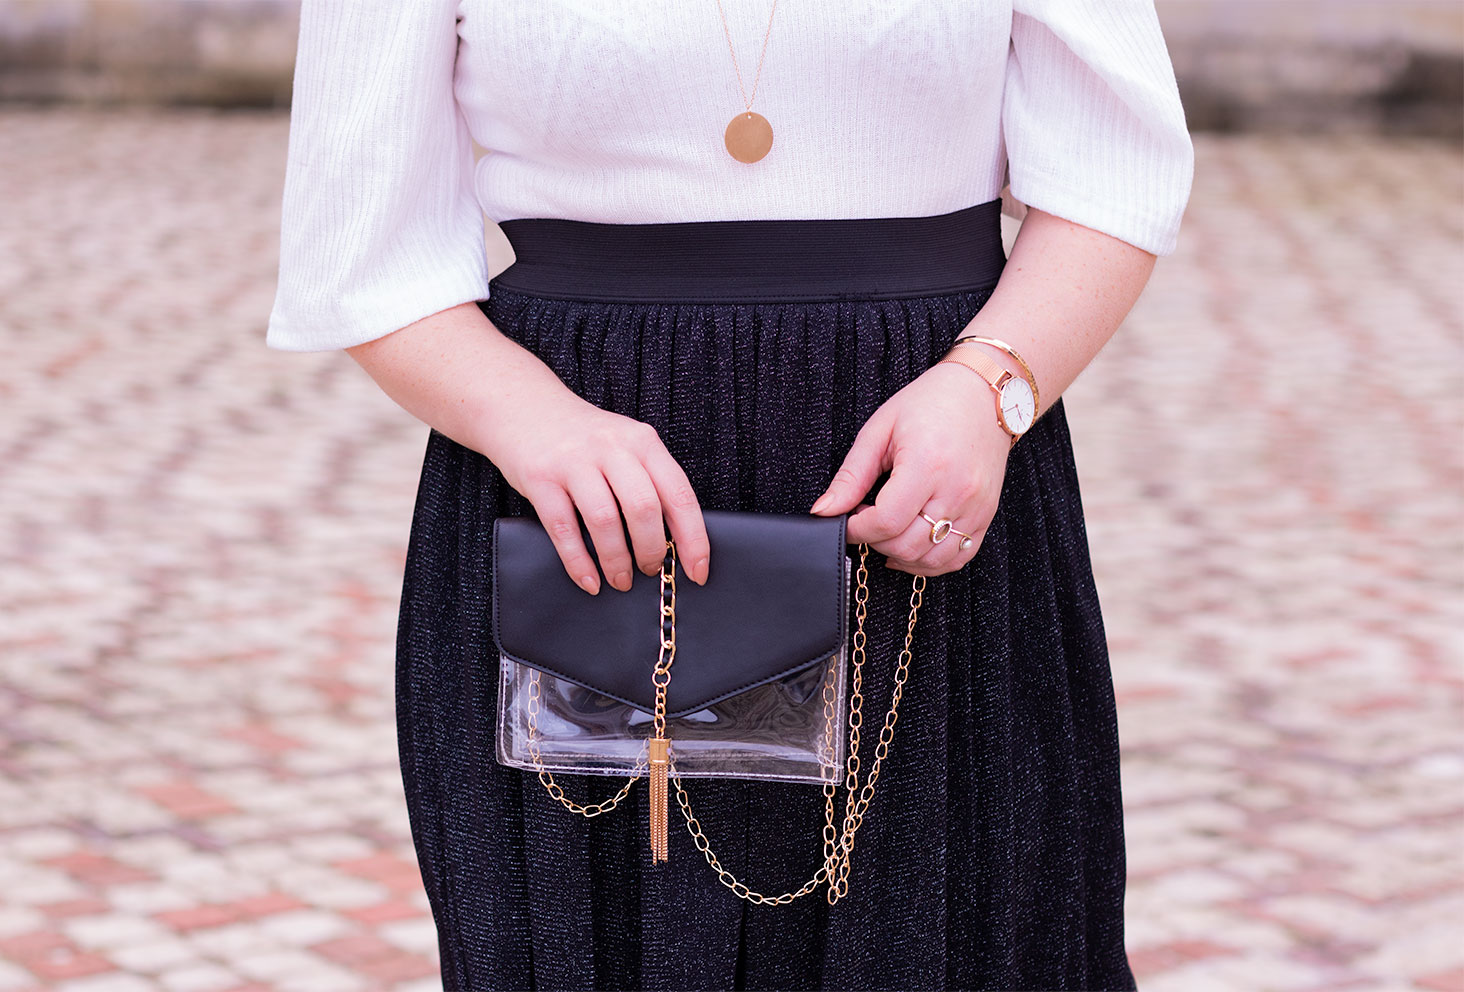 La pochette transparente noire et dorée SheIn entre les mains, devant une jupe en tulle noir pailletée